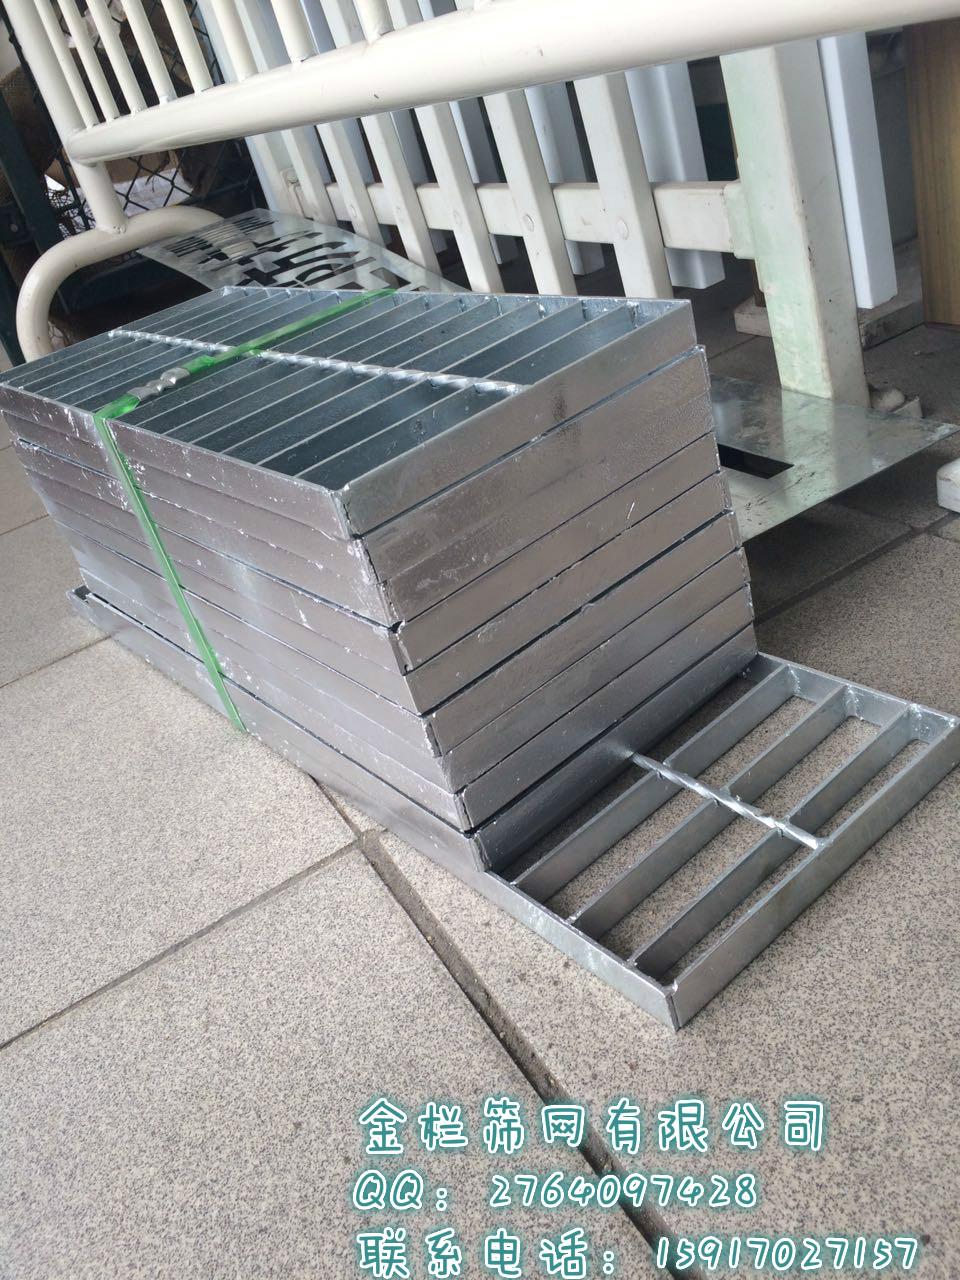 佛山金栏有限公司厂家直销供应不锈钢格板,水沟盖,楼梯踏步板,钢结构